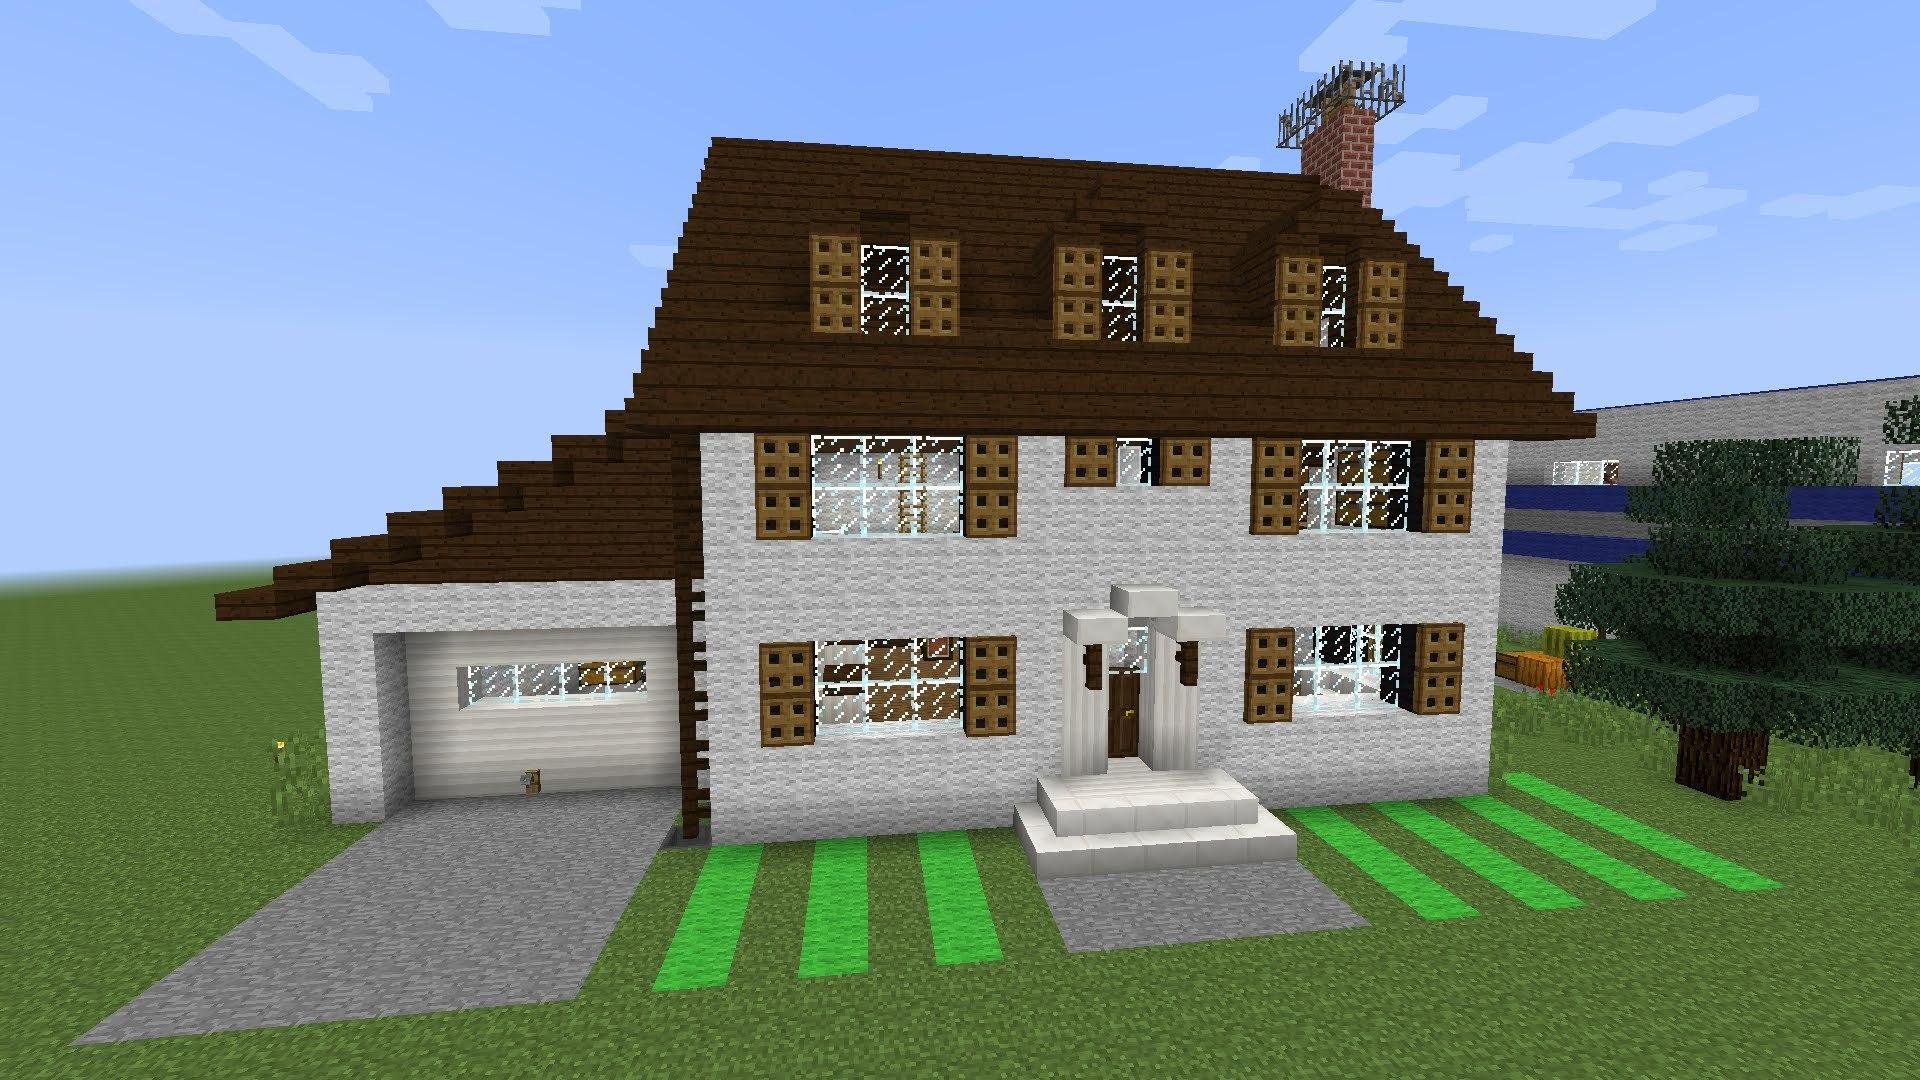 этих майнкрафт картинки домов схемы вашему вниманию, немецкий